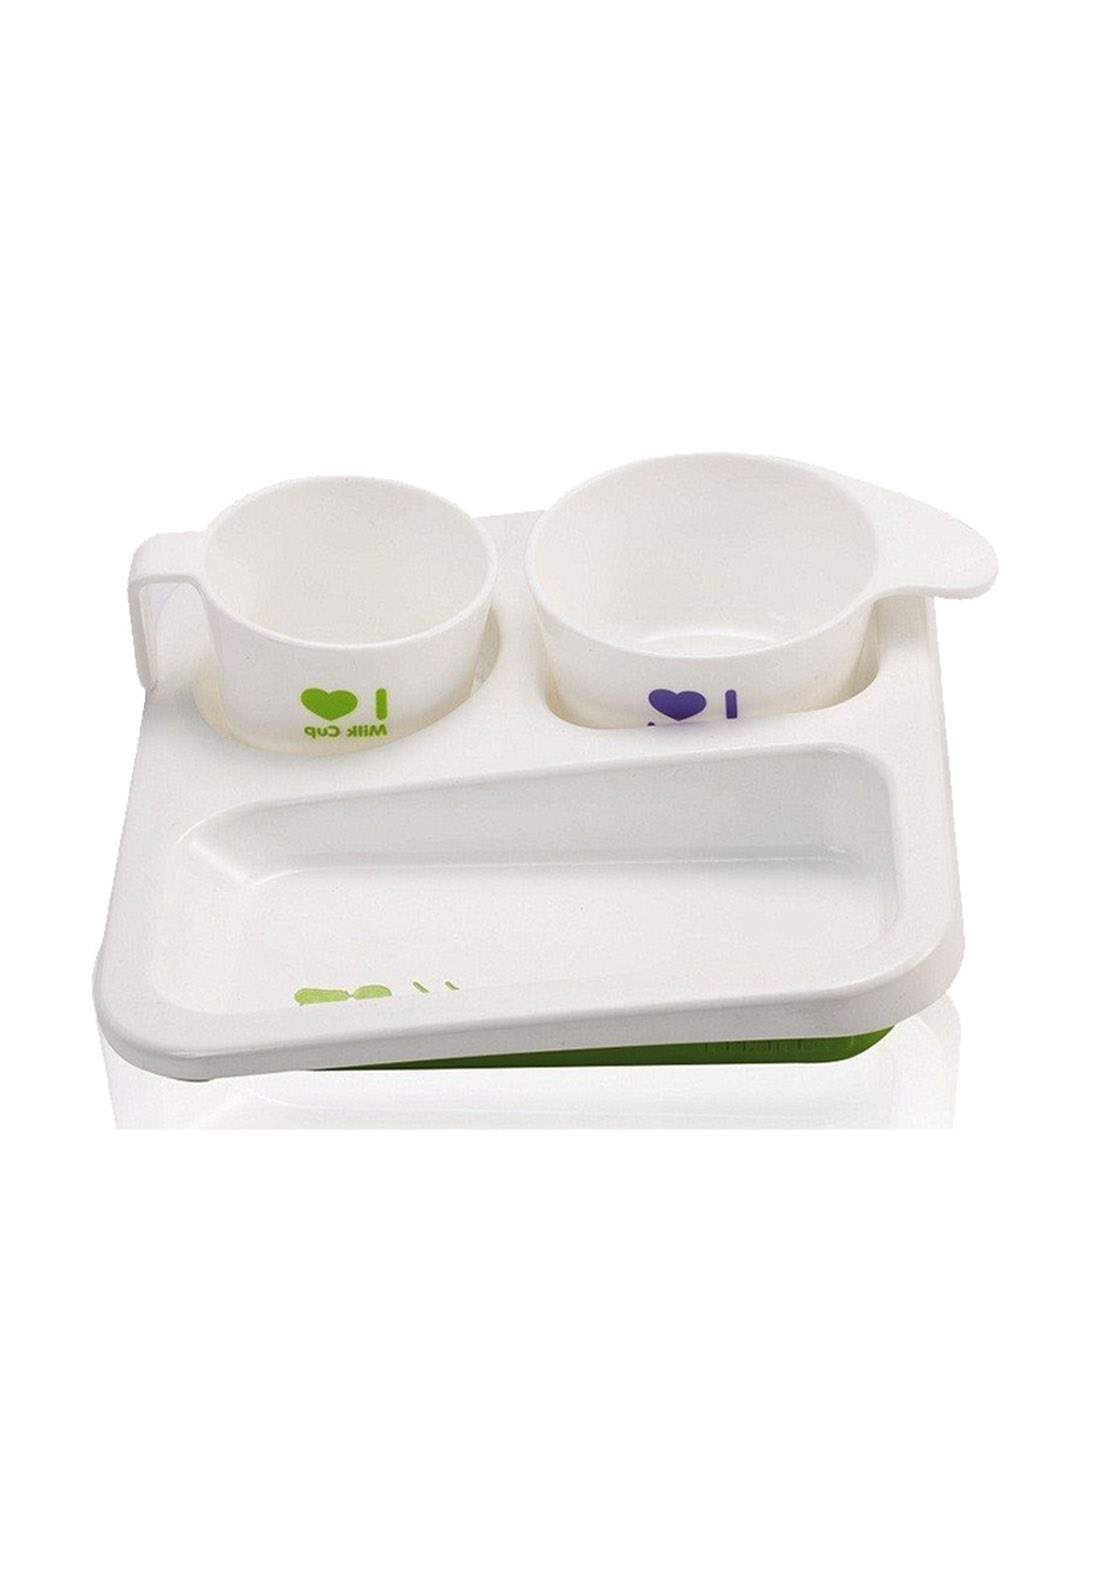 Farlin Baby A dish of serving food طقم وجبات الغذاء للاطفال